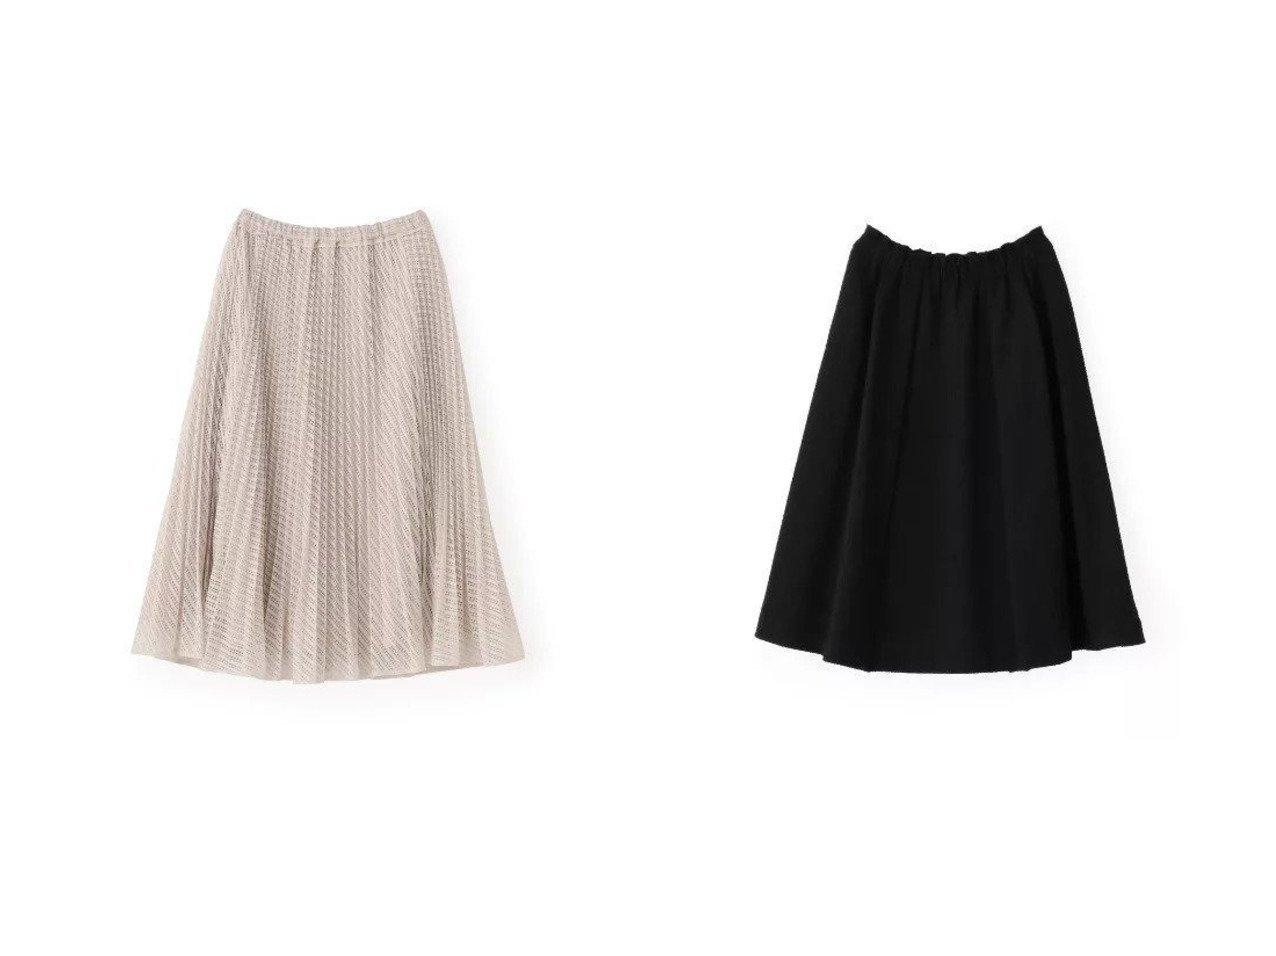 【TO BE CHIC/トゥー ビー シック】のチェーンラッセルスカート&ツィードジャージーフレアースカート スカートのおすすめ!人気、トレンド・レディースファッションの通販  おすすめで人気の流行・トレンド、ファッションの通販商品 メンズファッション・キッズファッション・インテリア・家具・レディースファッション・服の通販 founy(ファニー) https://founy.com/ ファッション Fashion レディースファッション WOMEN スカート Skirt マキシ ミモレ ロング カットソー ジャケット セットアップ 無地 |ID:crp329100000019244